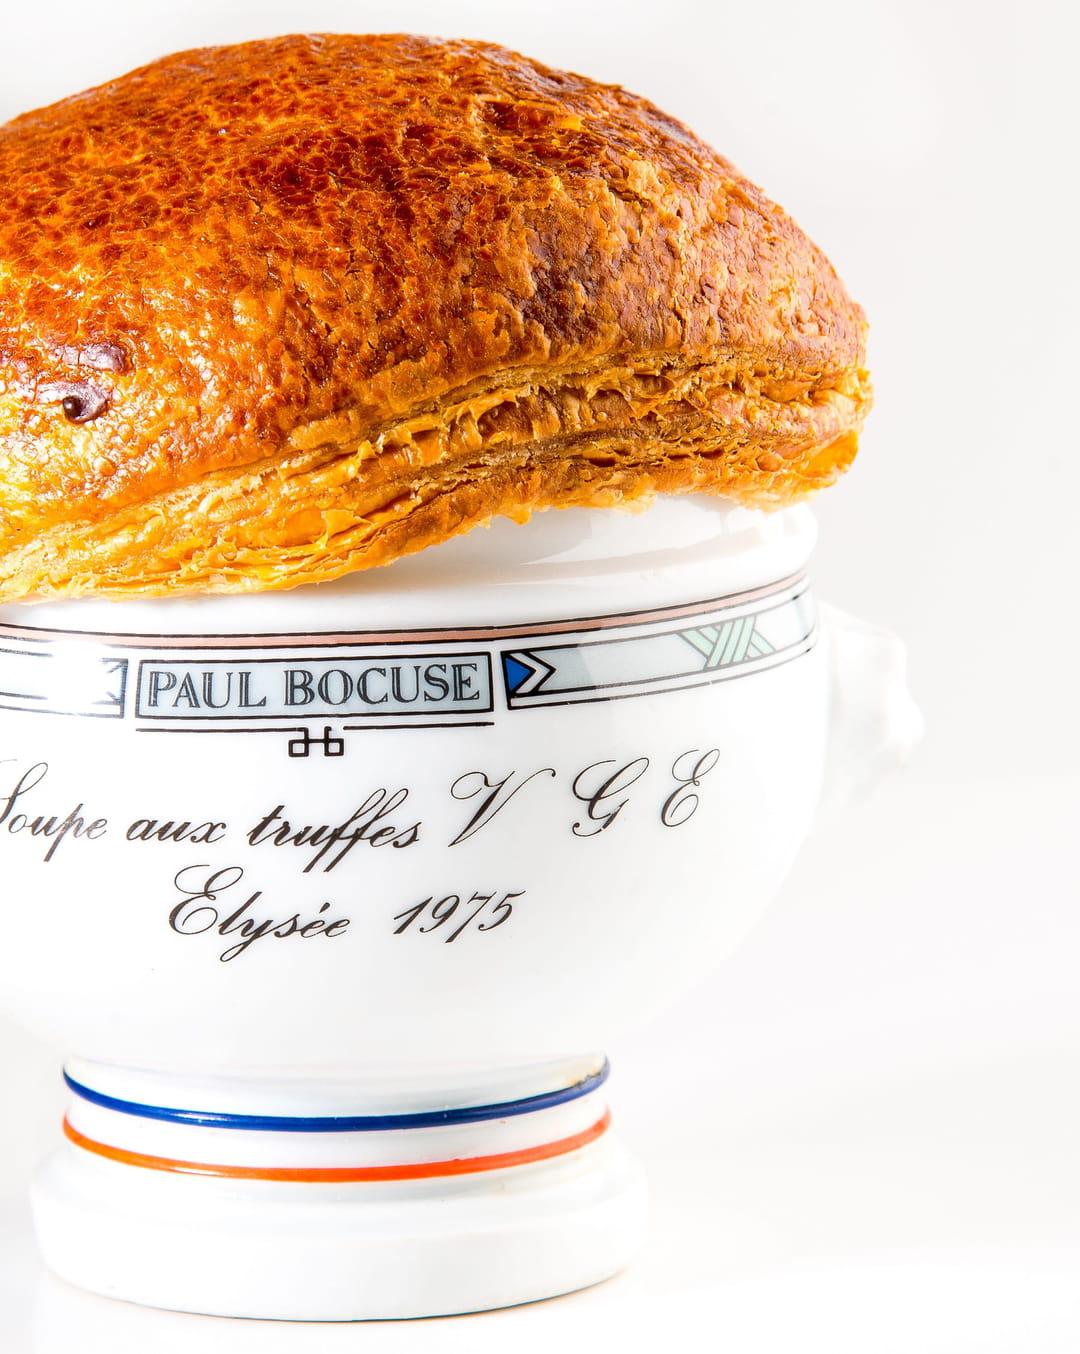 soupe-vge-paul-bocuse